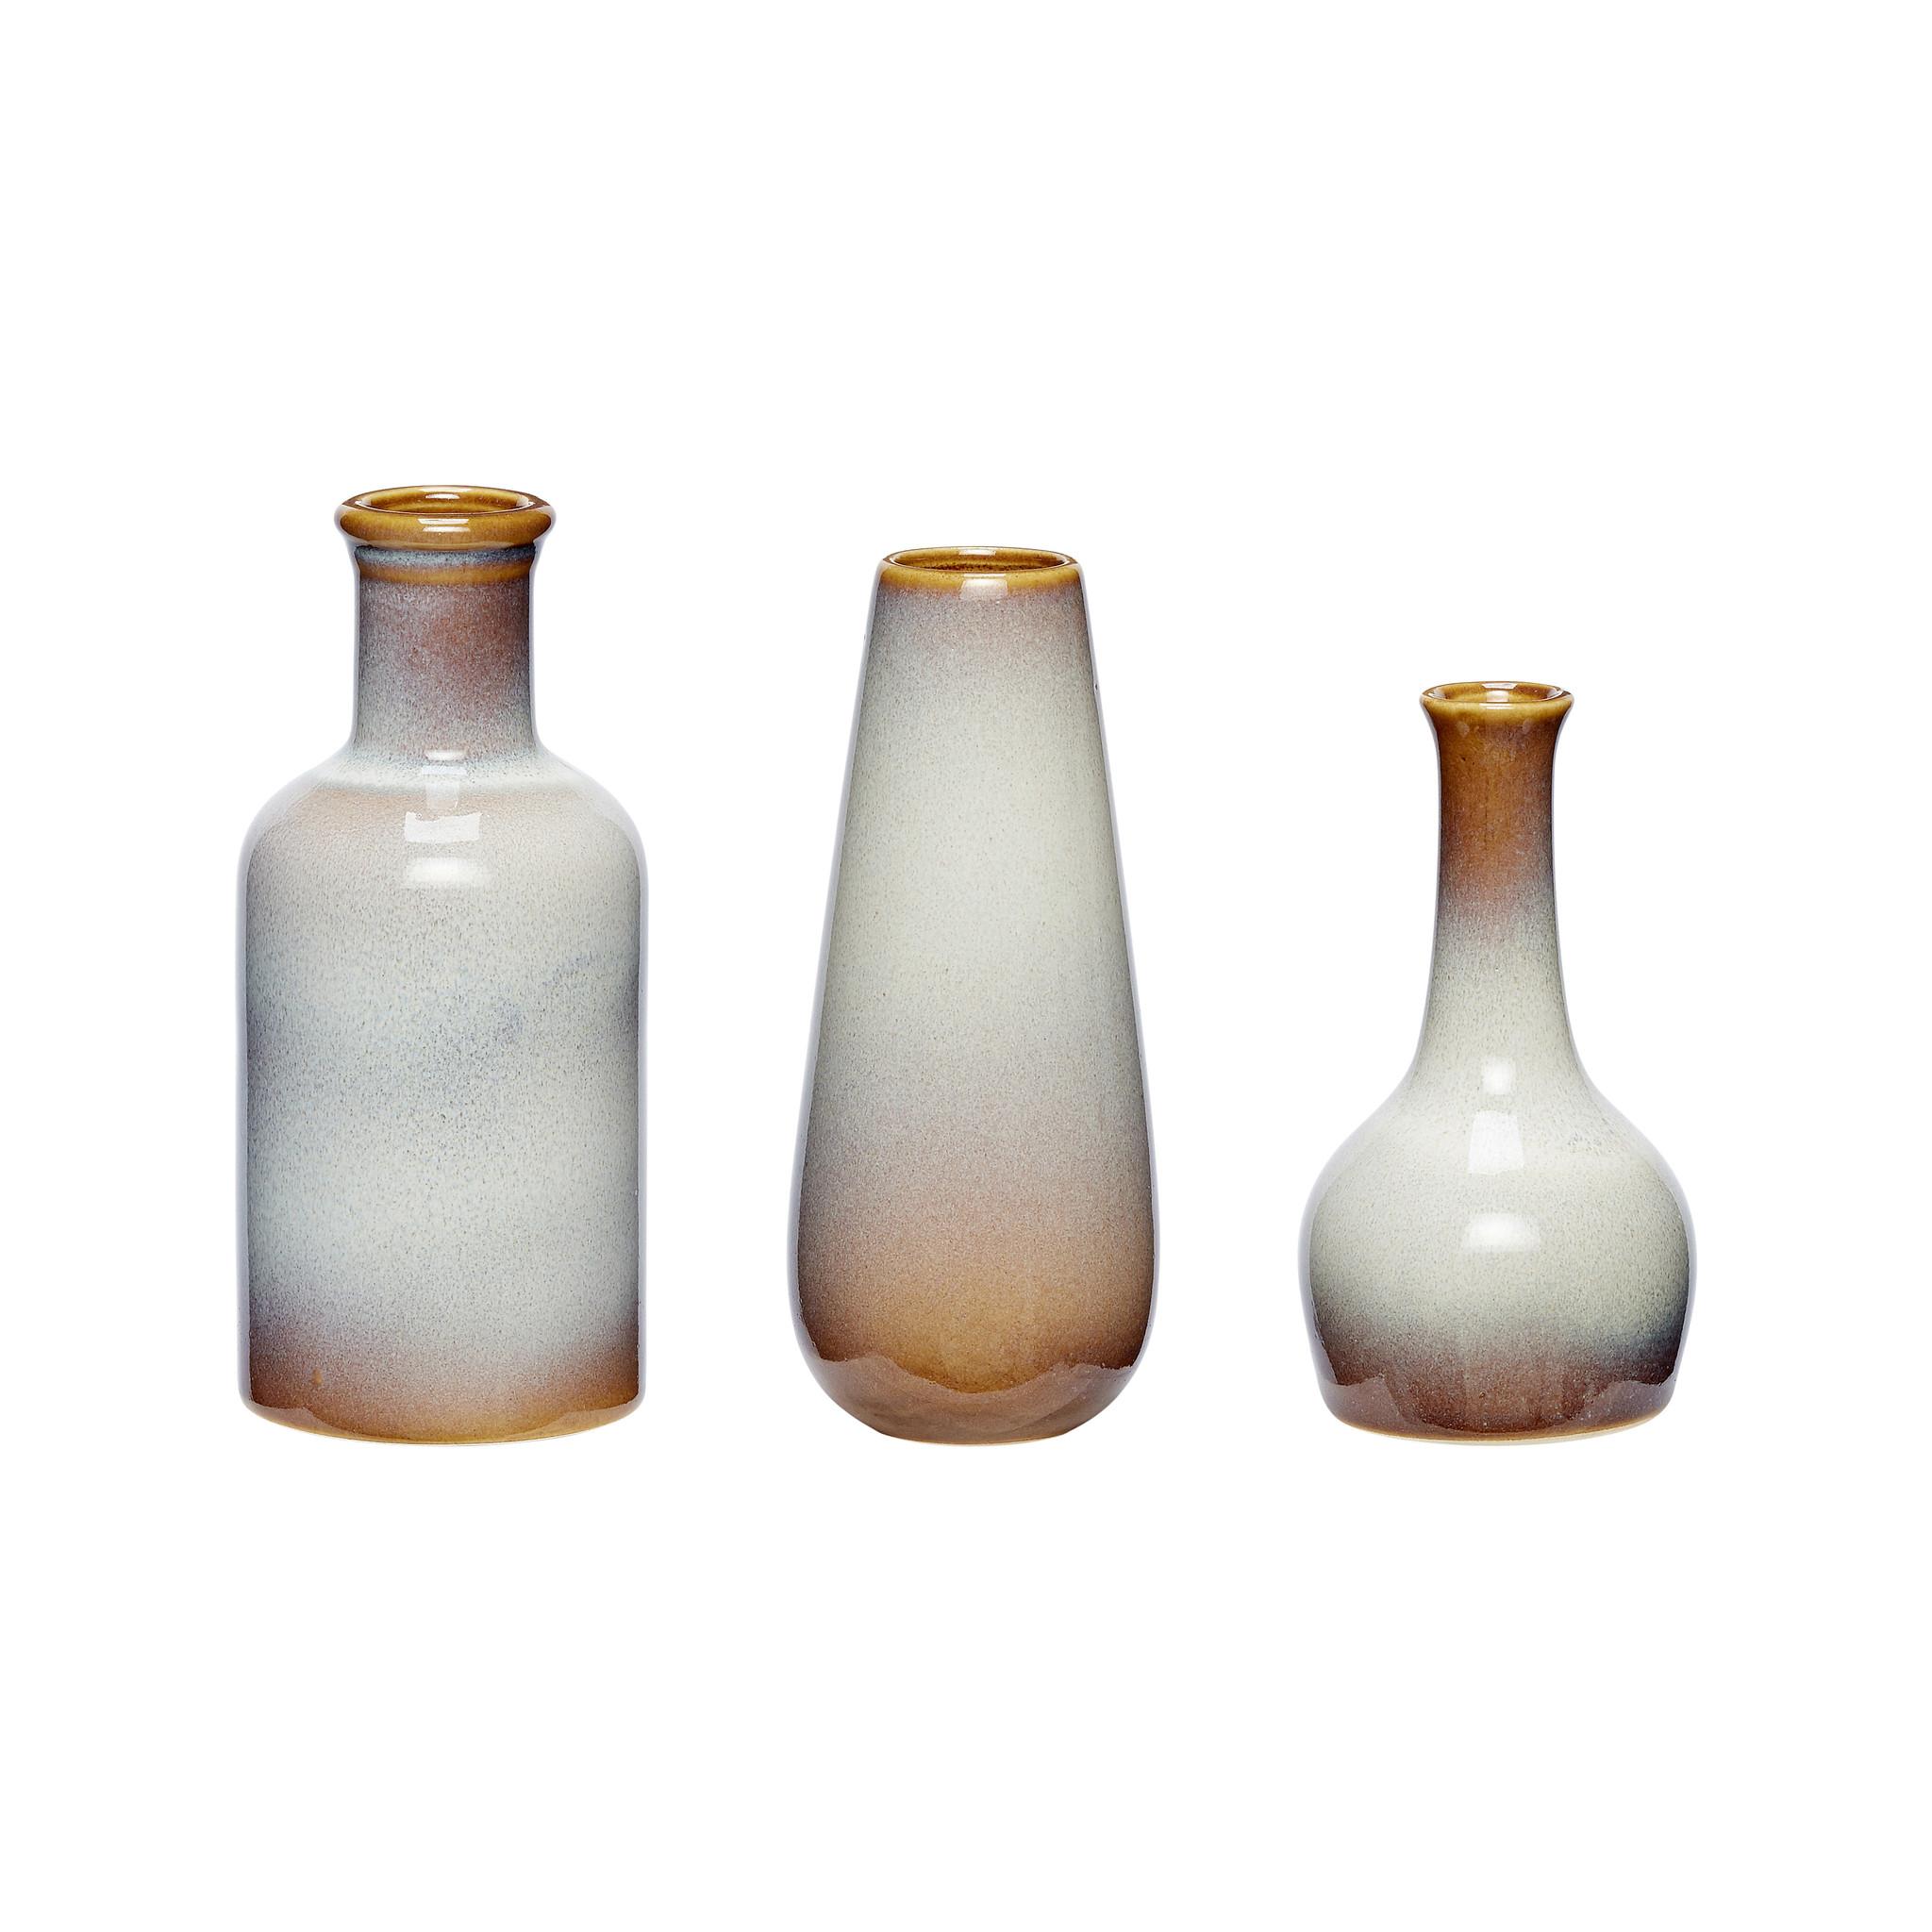 Hubsch Vaas, keramiek, wit / bruin, set van 3-140305-5712772044506